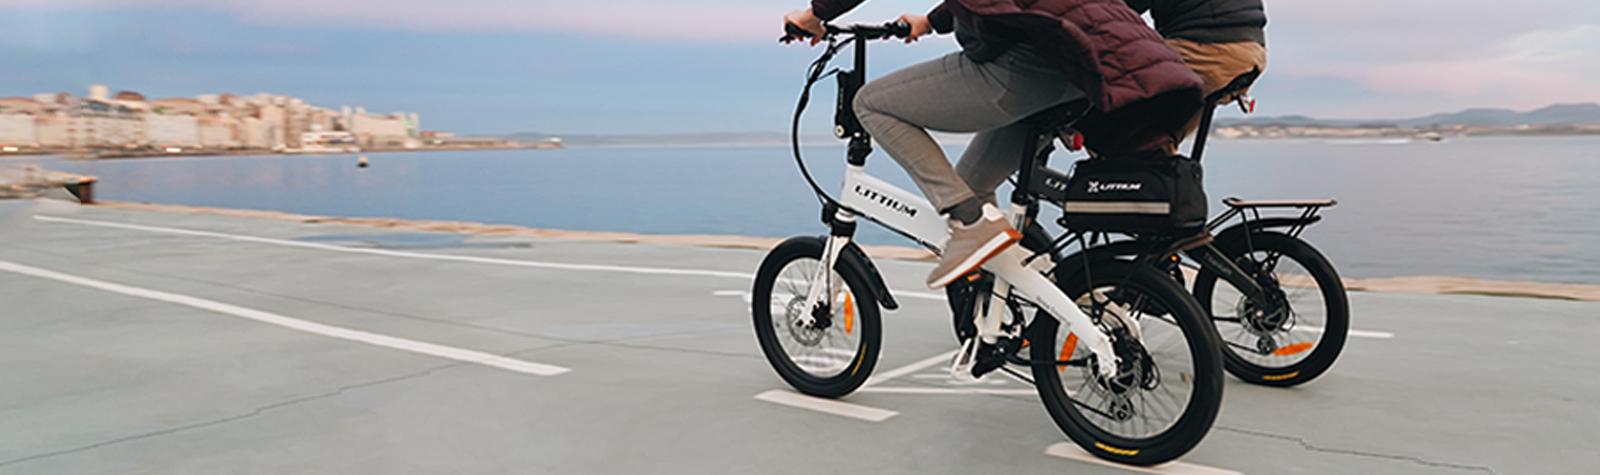 Renting de ebikes en el sector alojativo: la nueva movilidad de ocio